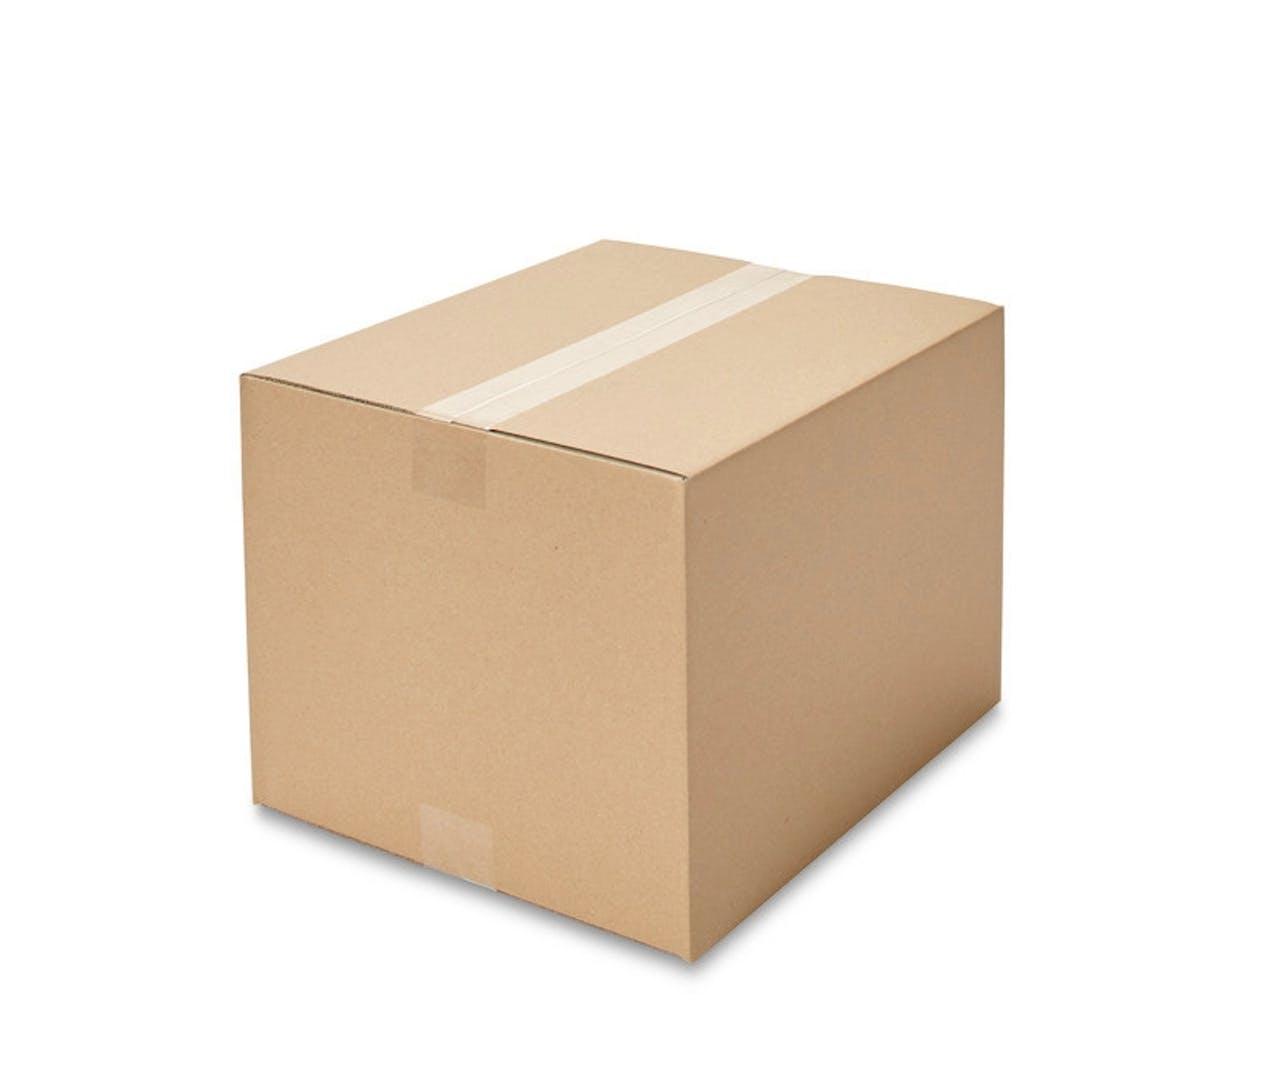 Caisses pliantes carton ondulé ECONOMY, 300à 349mm de longueur, Var: ekz100